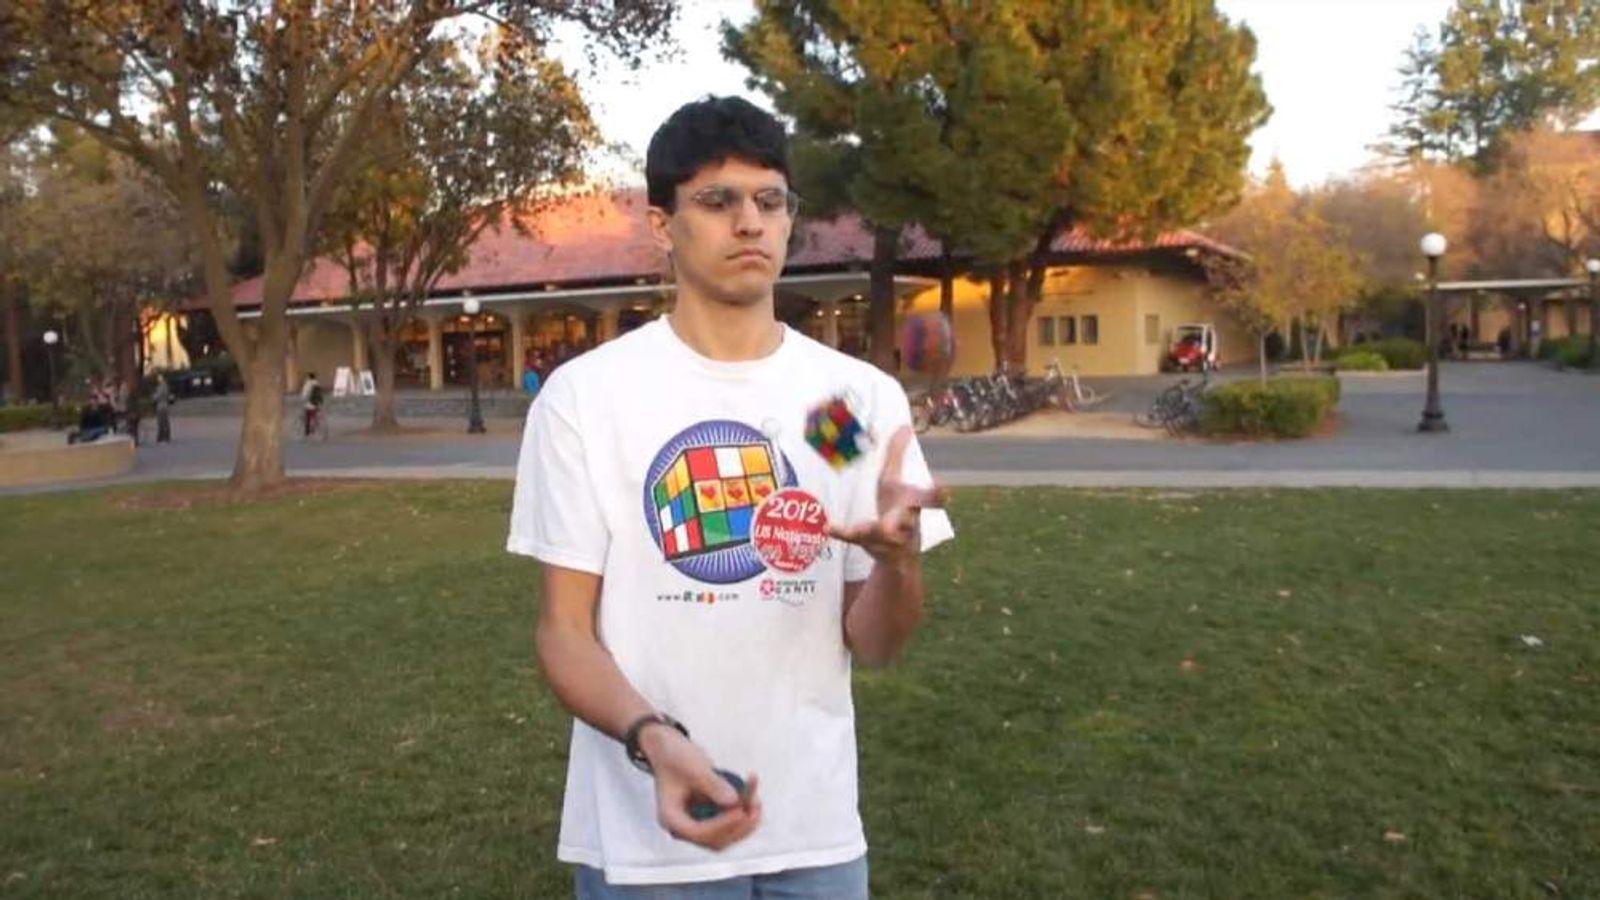 Rubik's Cube juggler